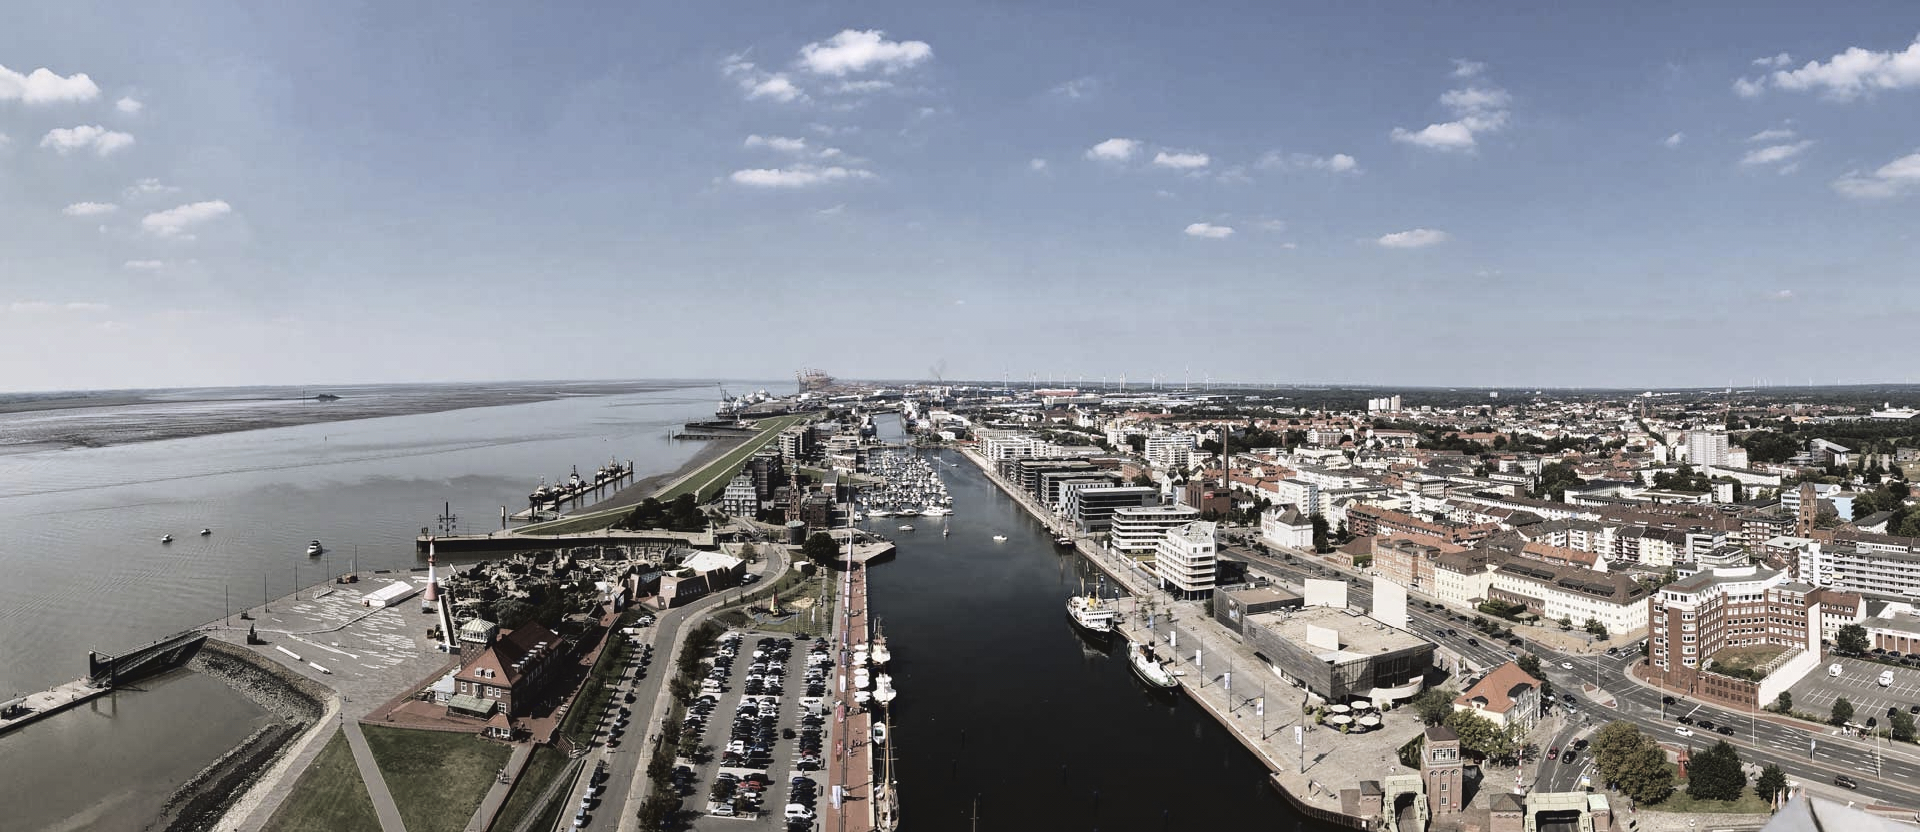 Bremerhafen1_lashandbrowlifting